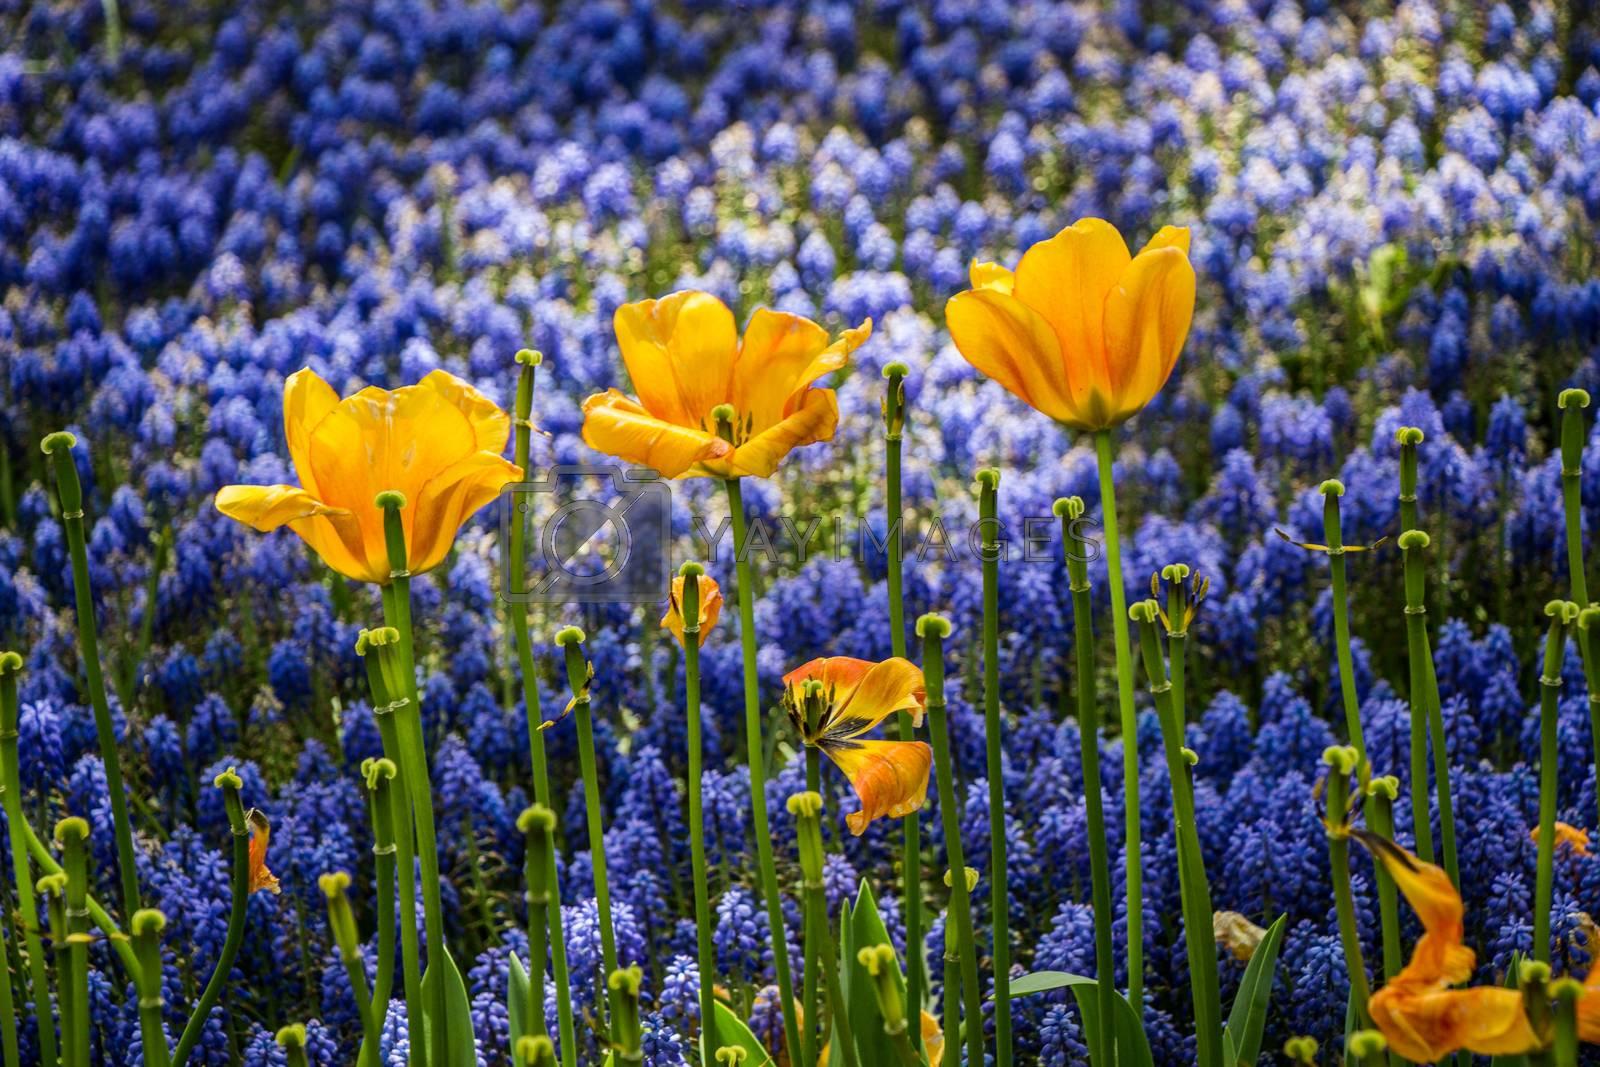 Blooming tulip flowers in spring as  floral background by berkay